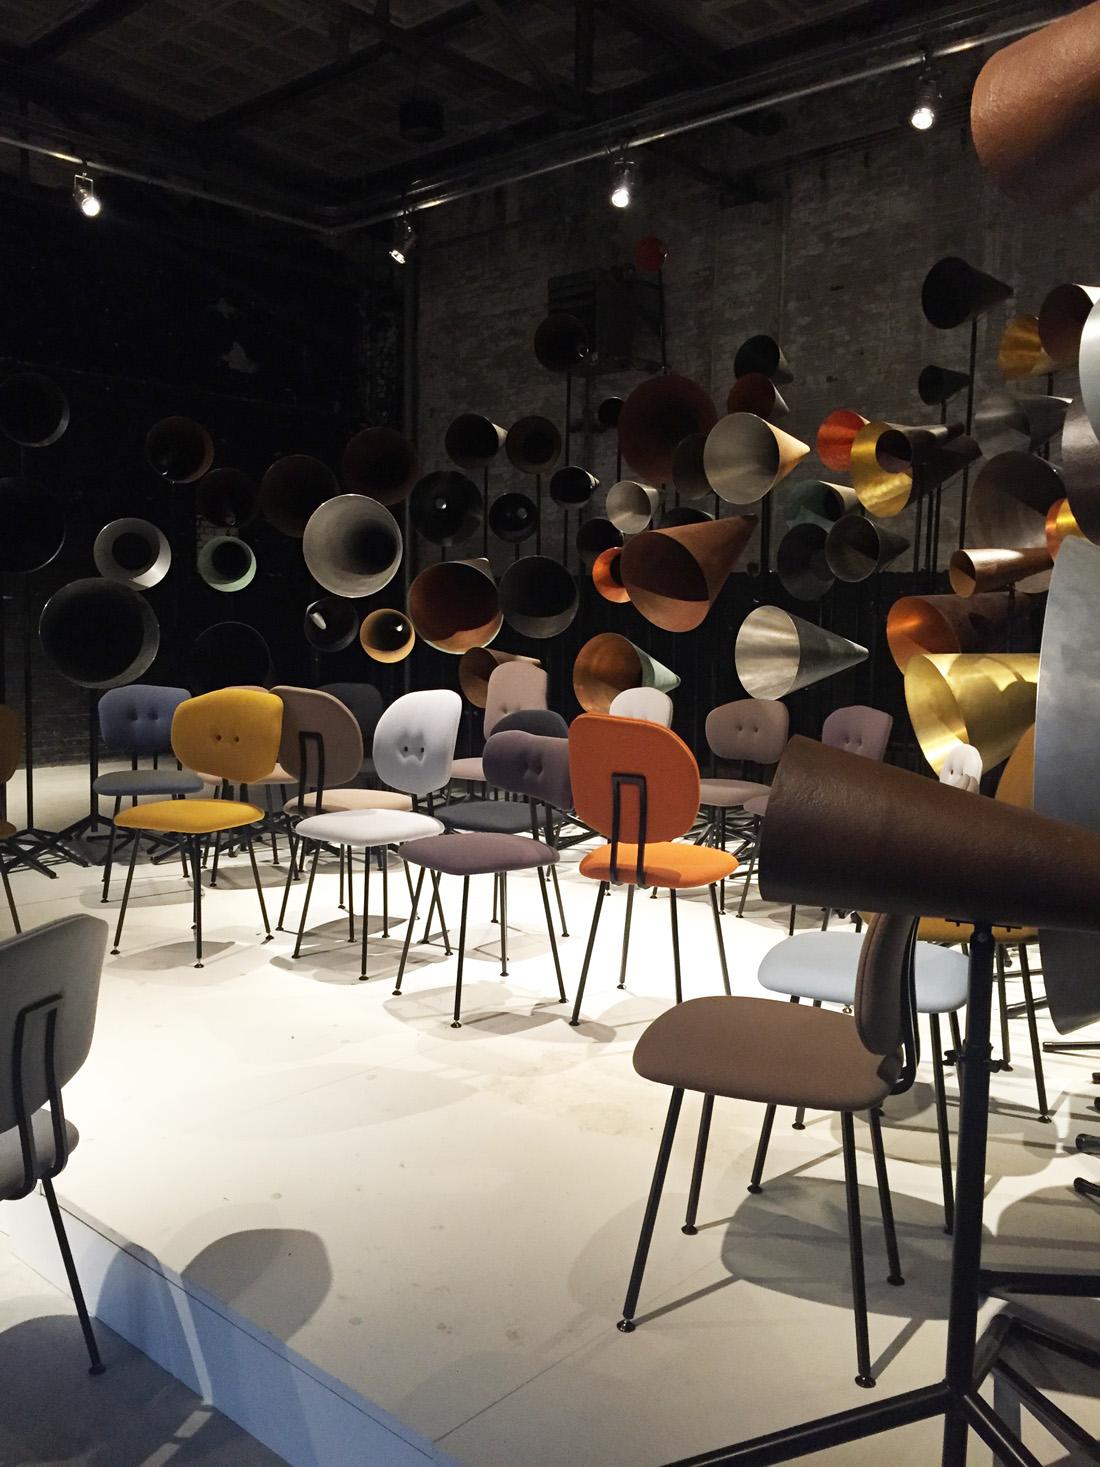 שבוע העיצוב באיינדהובן, שבוע העיצוב ההולנדי, DDW, dutch design week, kazerne